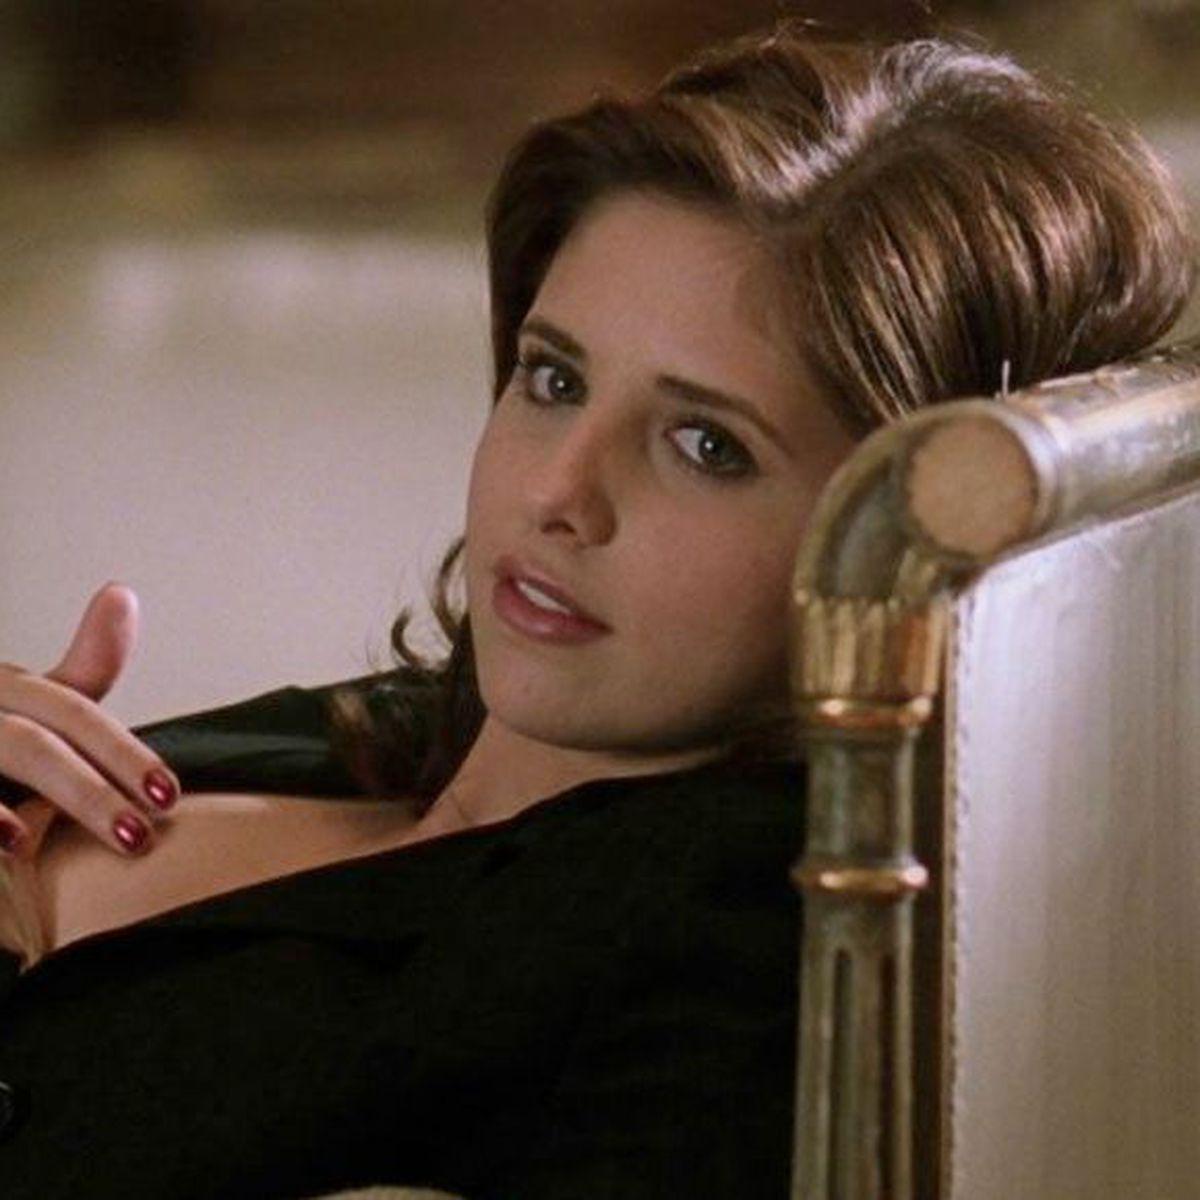 Peliculas Eroticas En Español cine: 15 películas eróticas que puedes ver online en netflix